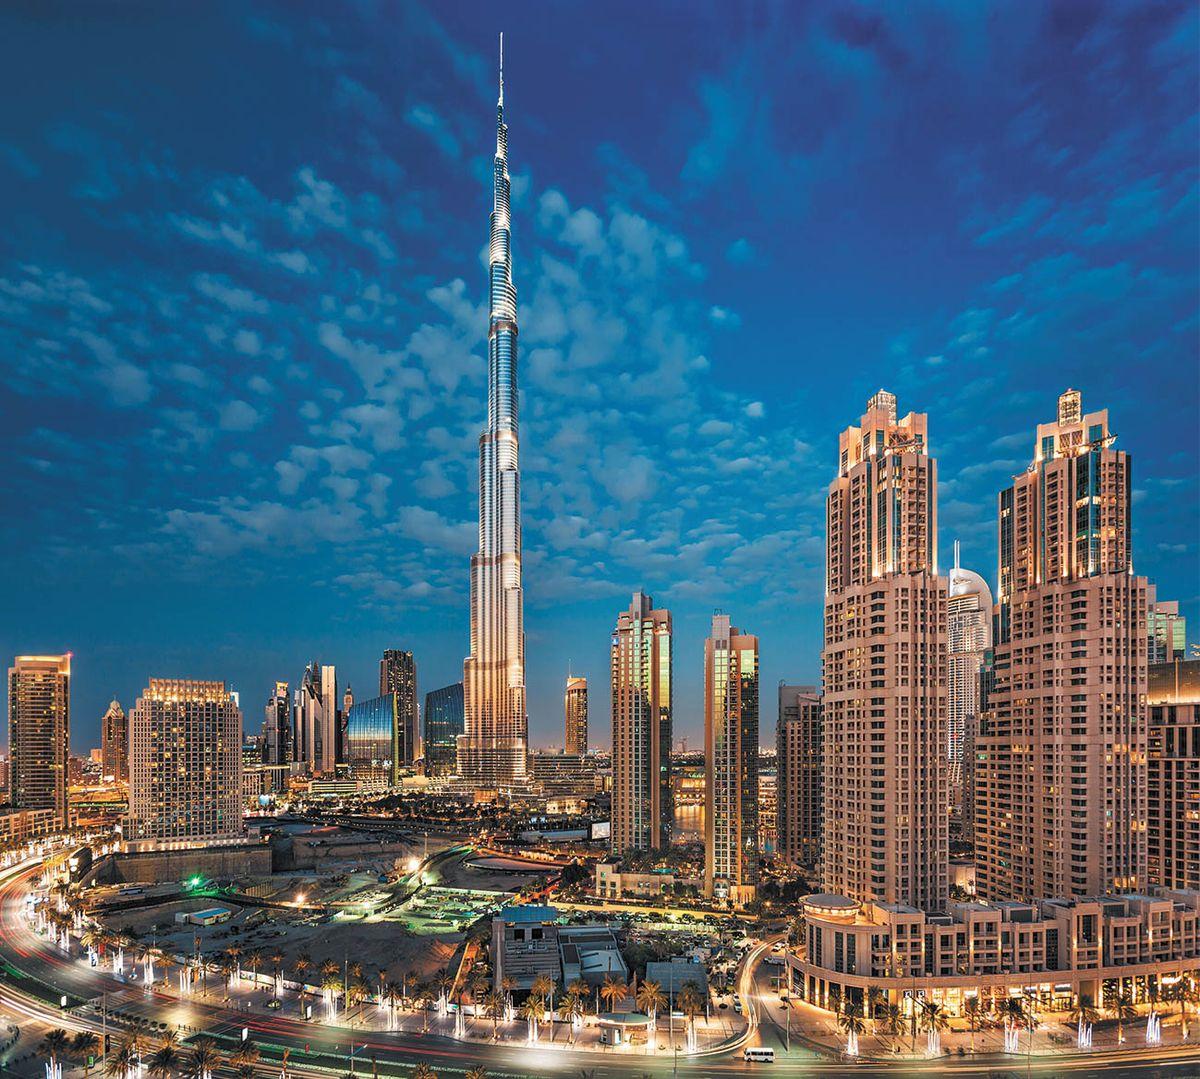 Фотообои Milan Дубай, текстурные, 300 х 270 см. M 325m 325Виниловые обои горячего тиснения на флизелиновой основе MILAN — дизайнерская коллекция фотообоев и фотопанно европейского качества, созданная на основе последних тенденций в мире интерьерной моды. Еще вчера эти тренды демонстрировались на подиумах